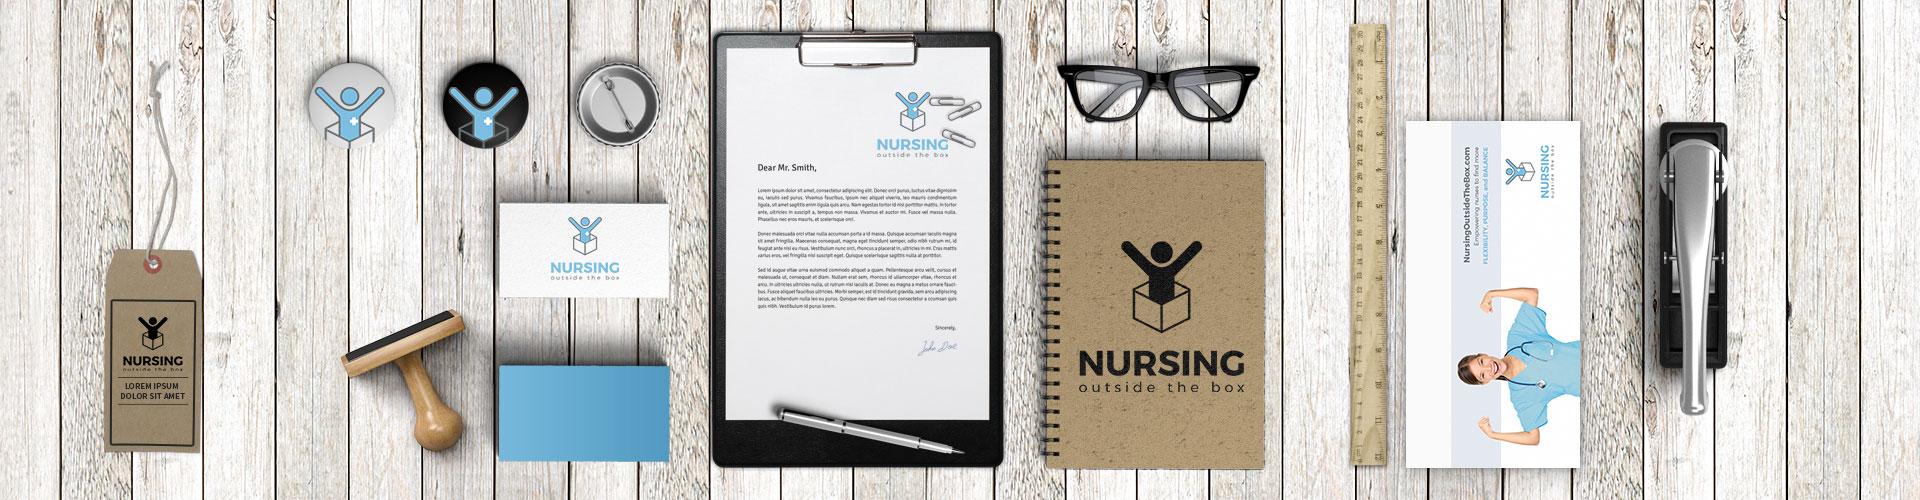 nursing-img-banner